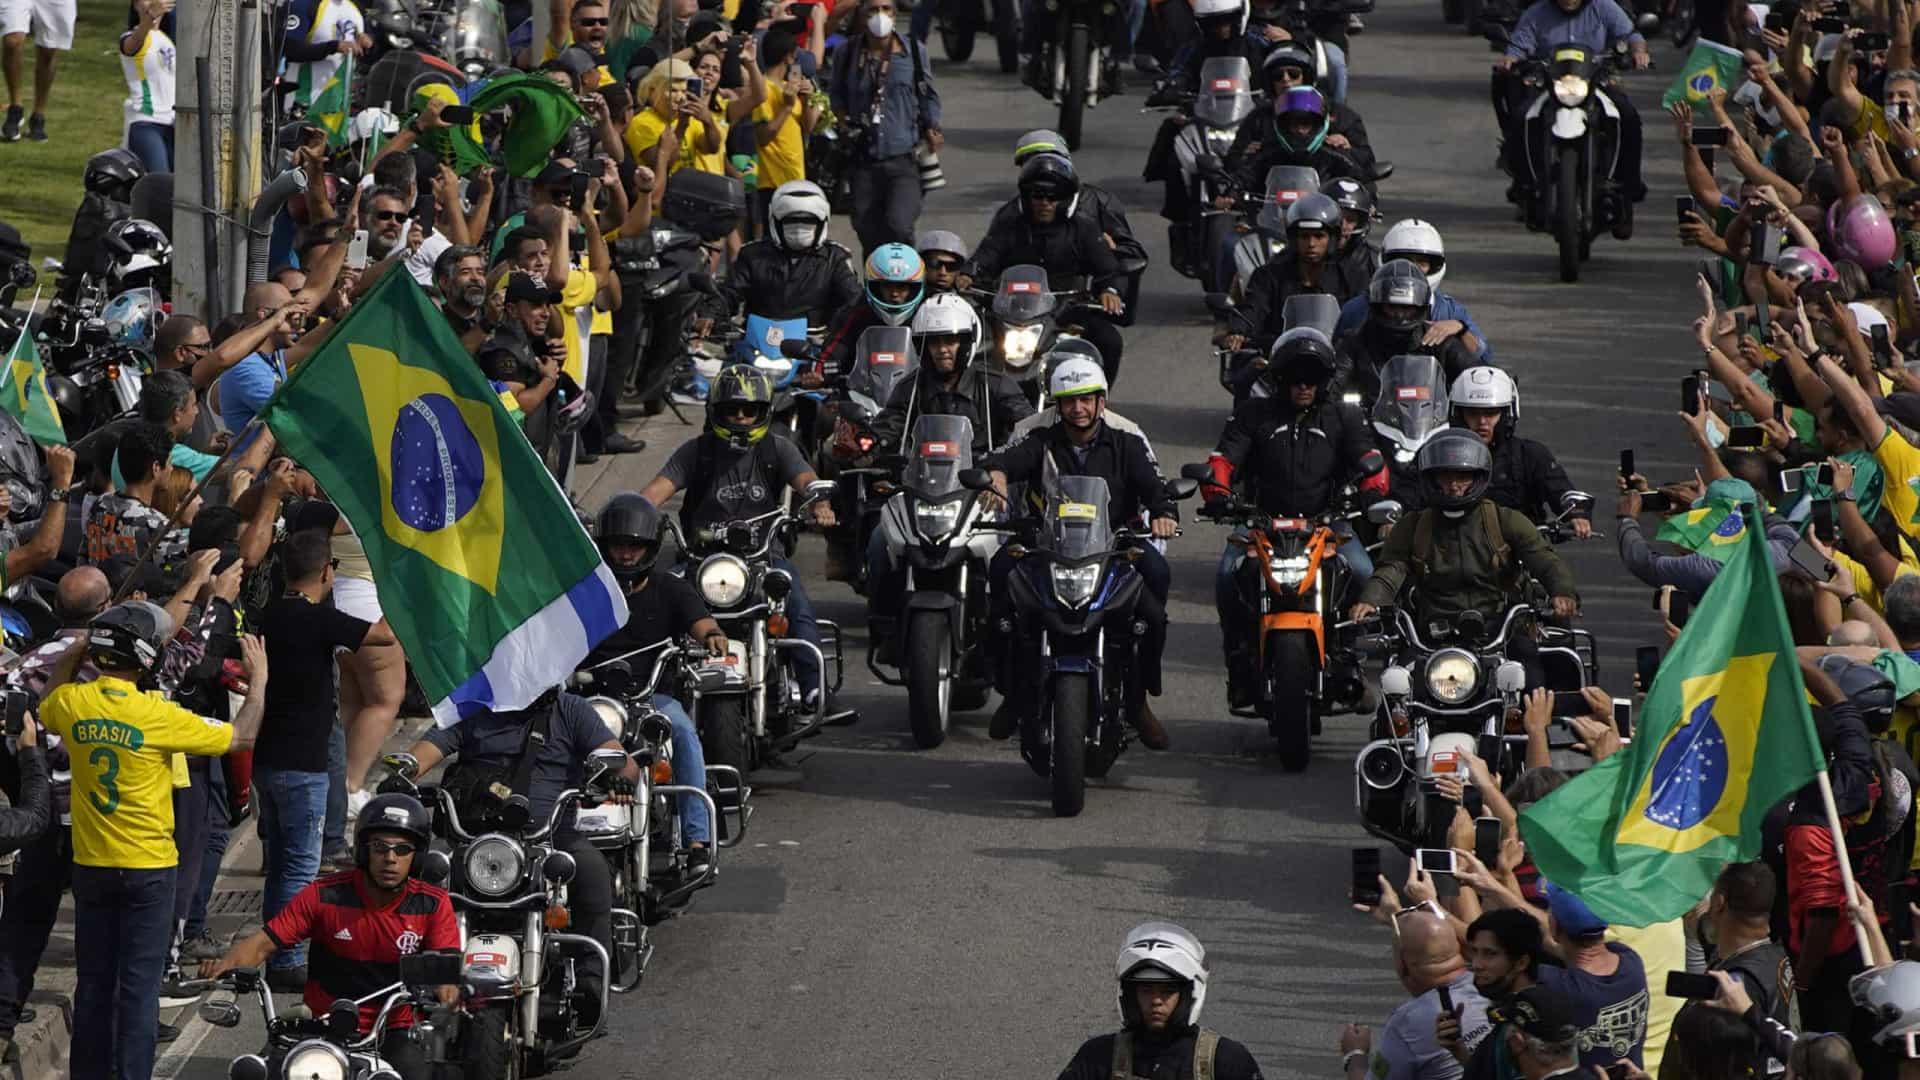 naom 60aa5d977e9aa - AGLOMERAÇÃO E IRRESPONSABILIDADE: centenas de motociclistas se concentram para passeio no Rio em apoio a Bolsonaro